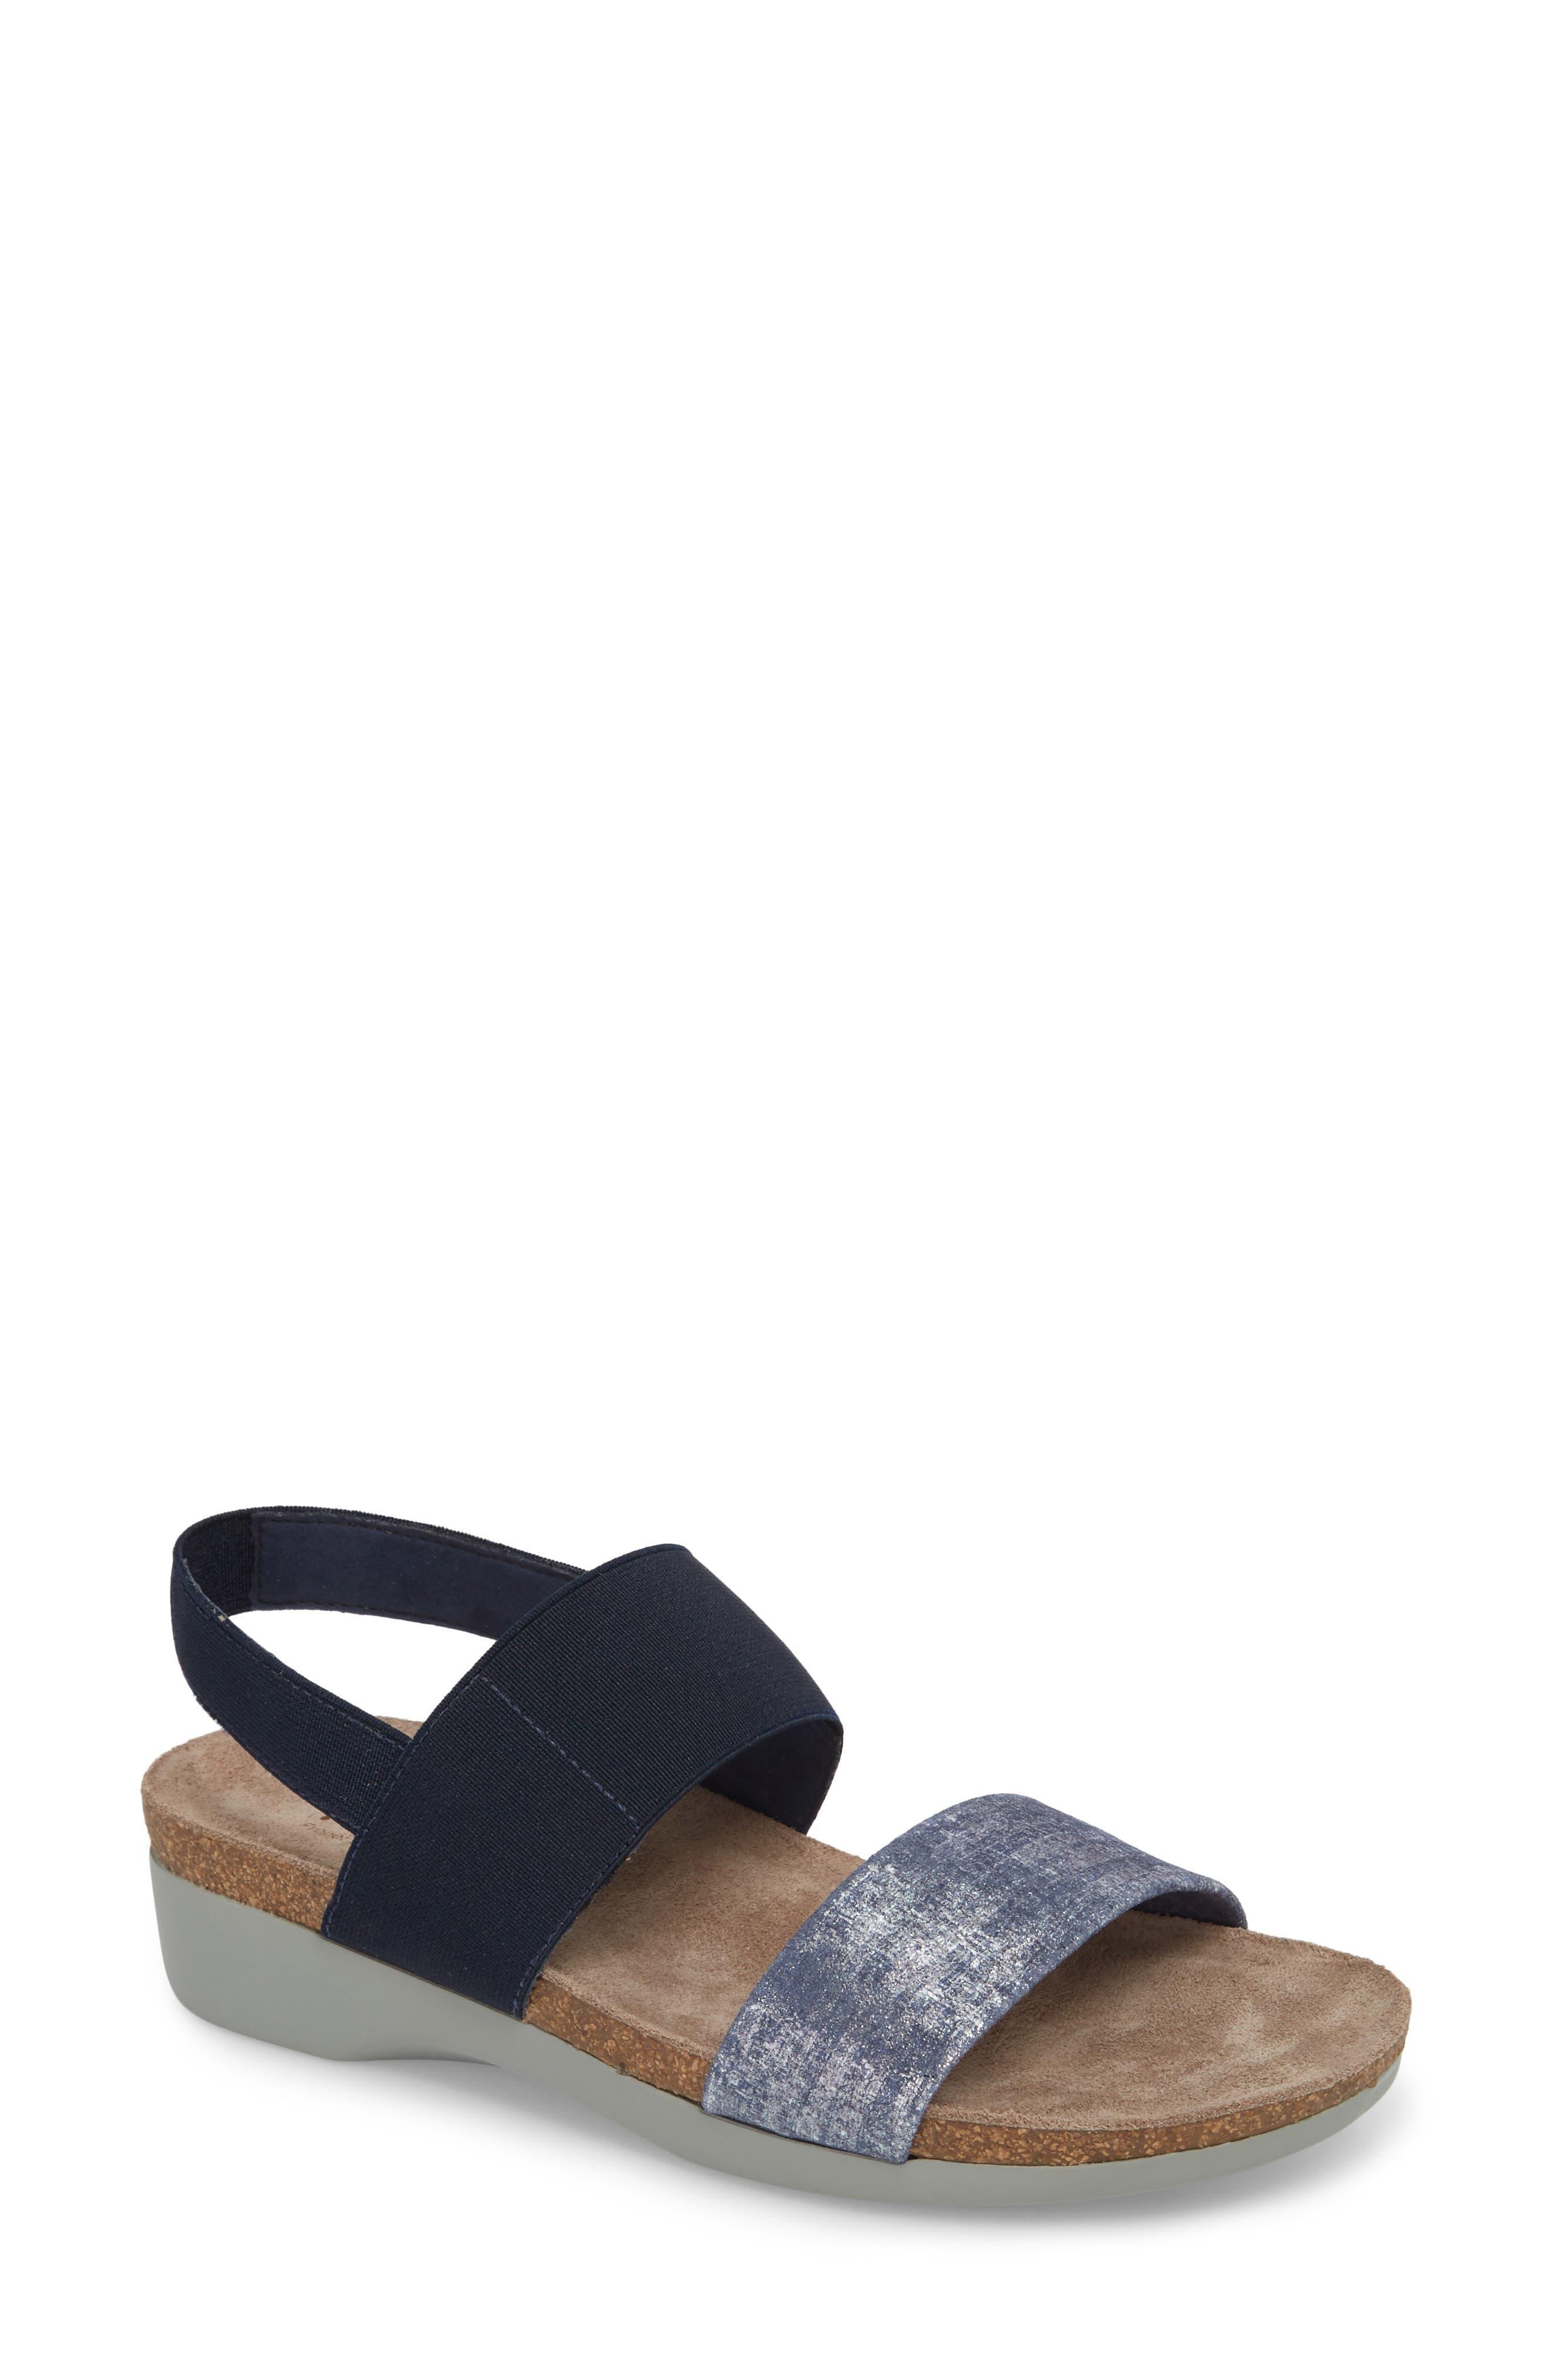 'Pisces' Sandal,                         Main,                         color, BLUE/ SILVER METALLIC